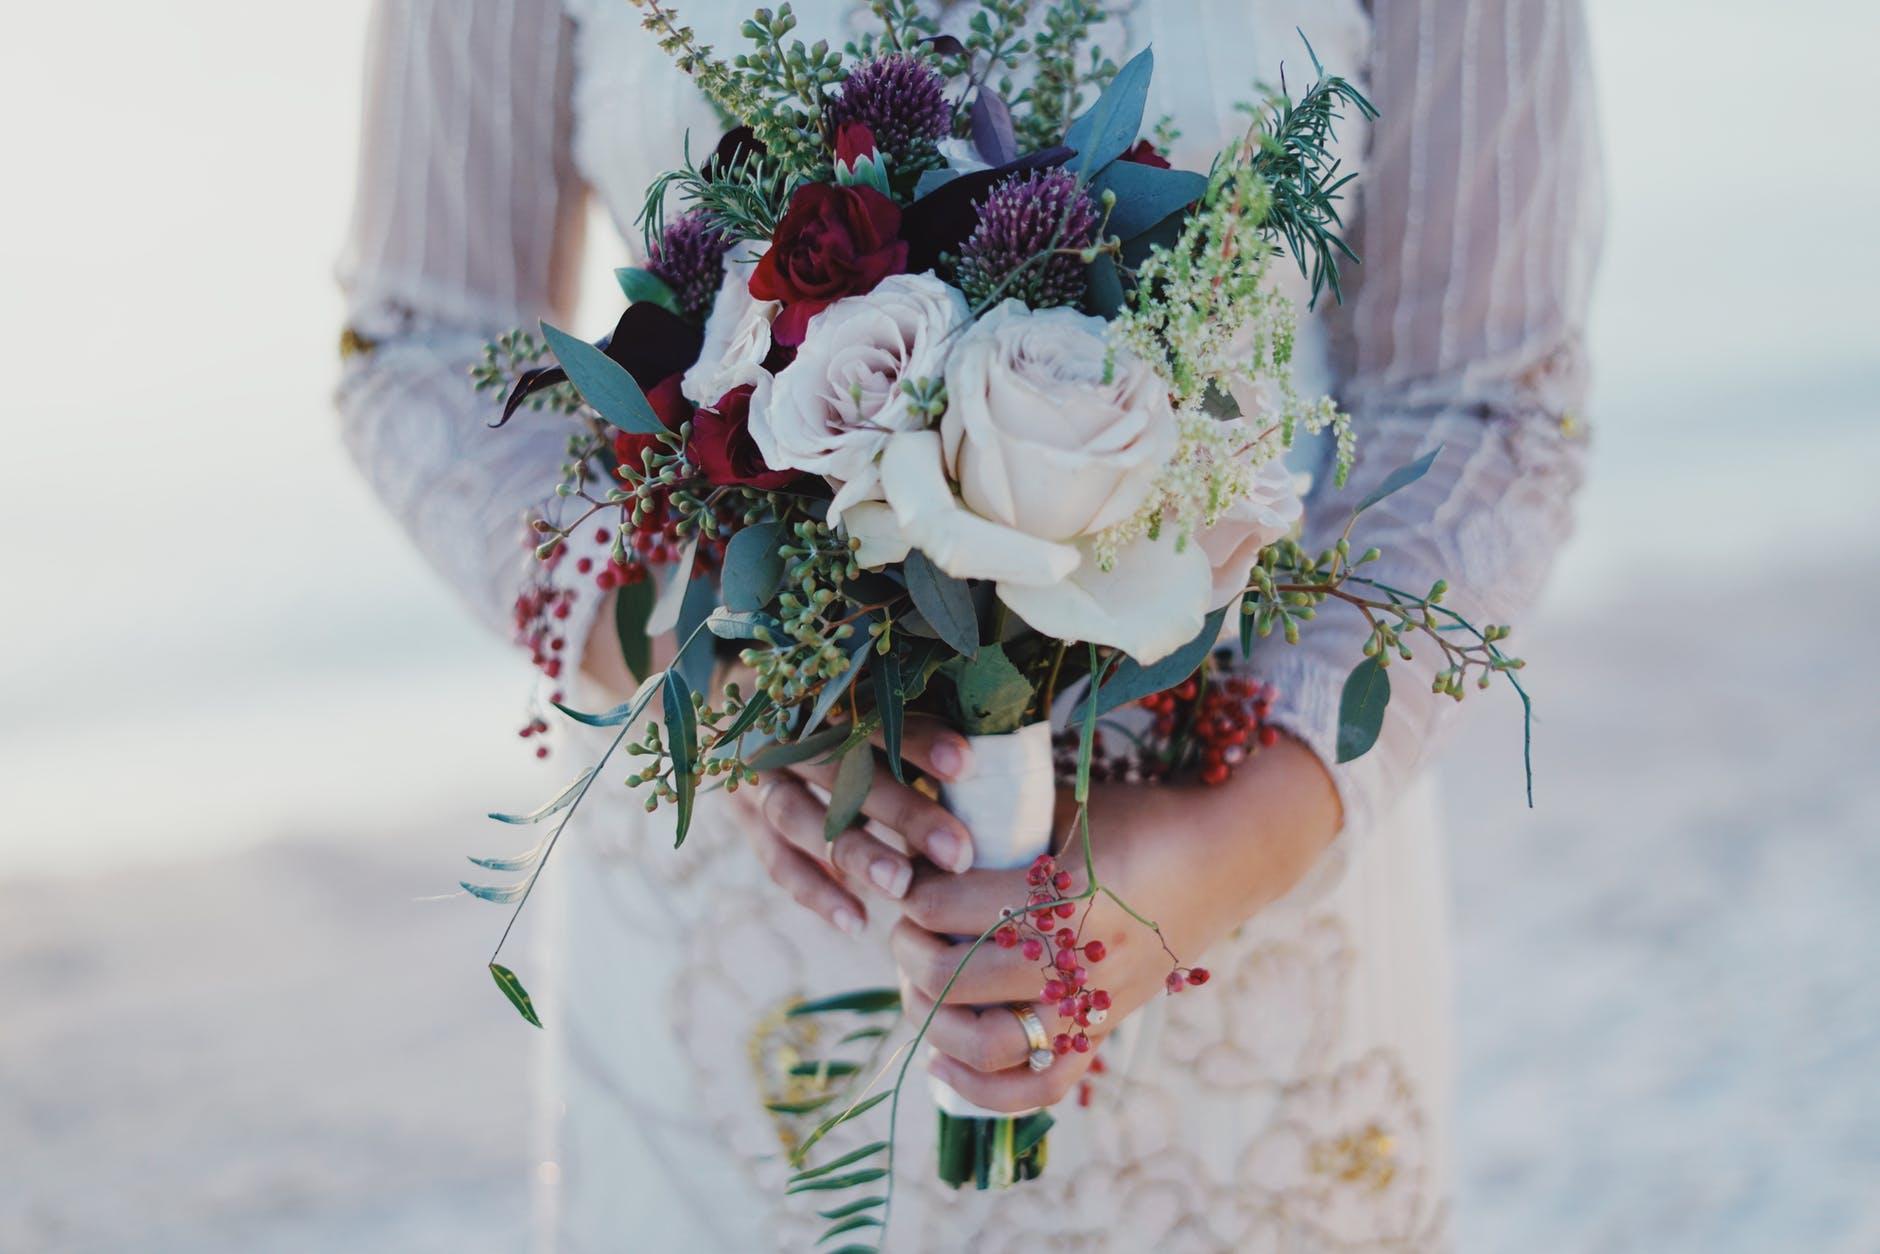 結婚ラッシュに焦る!自分のペースを守ってネガティブな感情への対処法